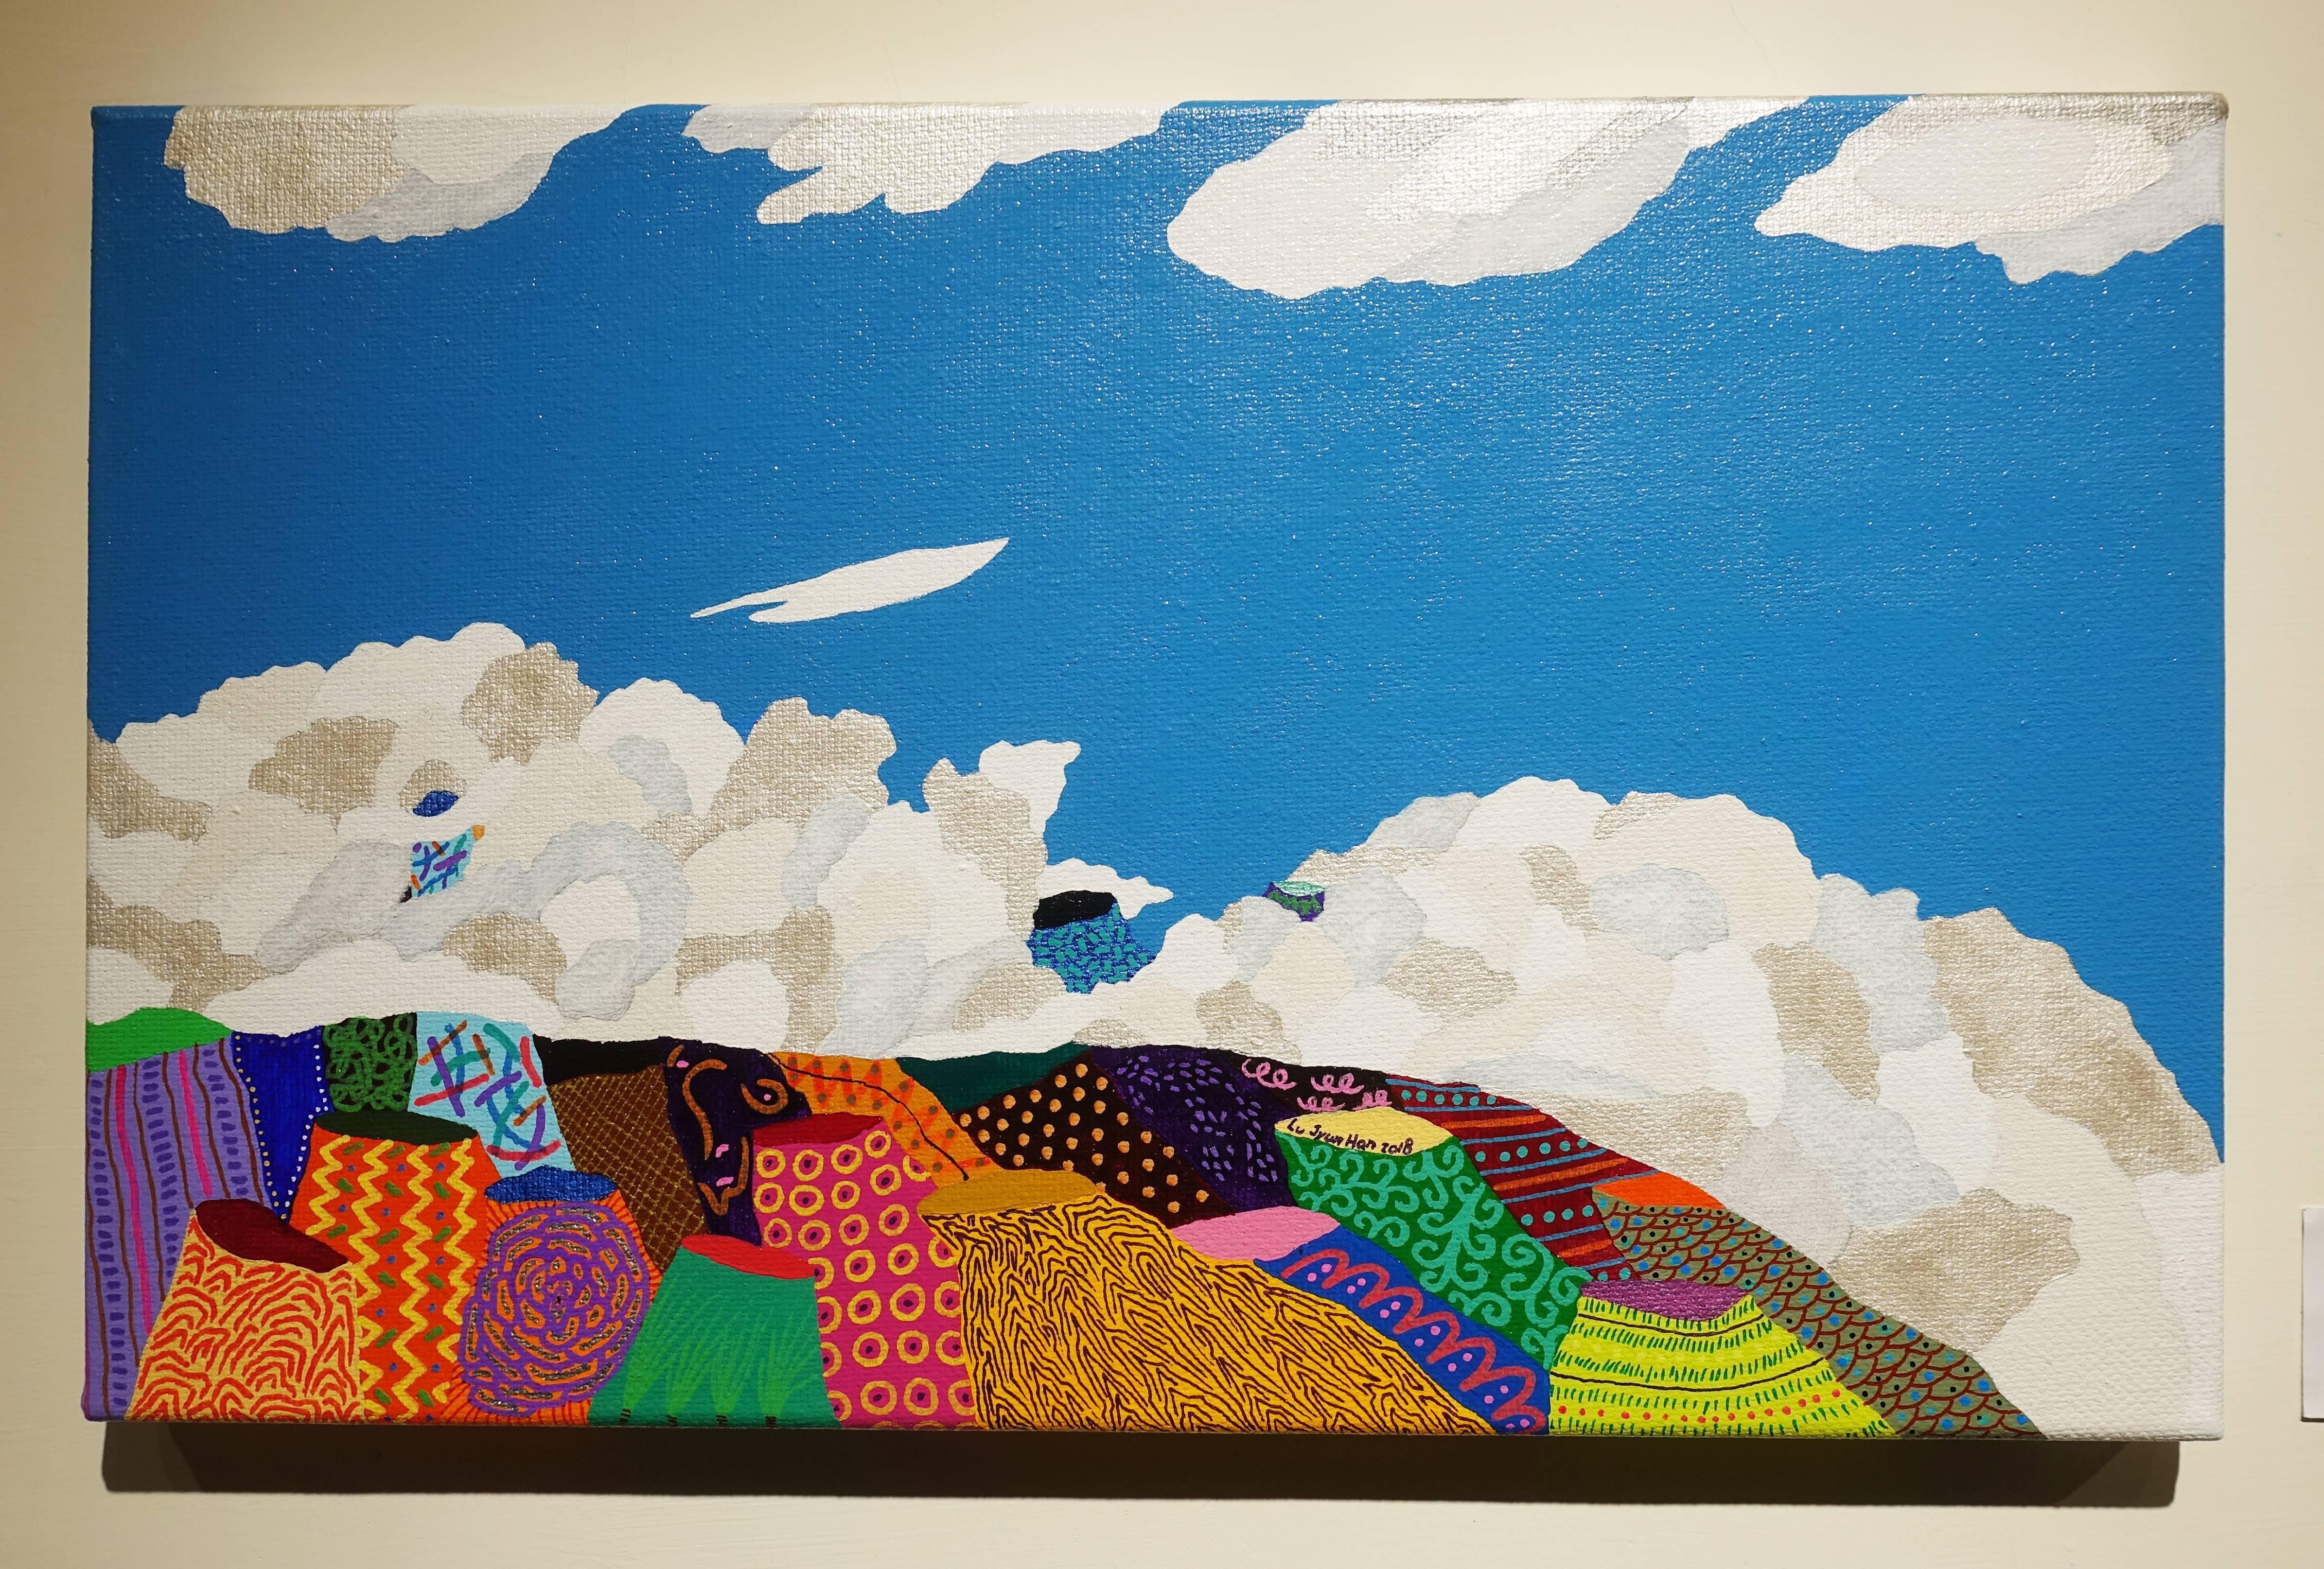 盧俊翰,《擁抱山的雲》,53 x 33 cm,壓克力,2018。